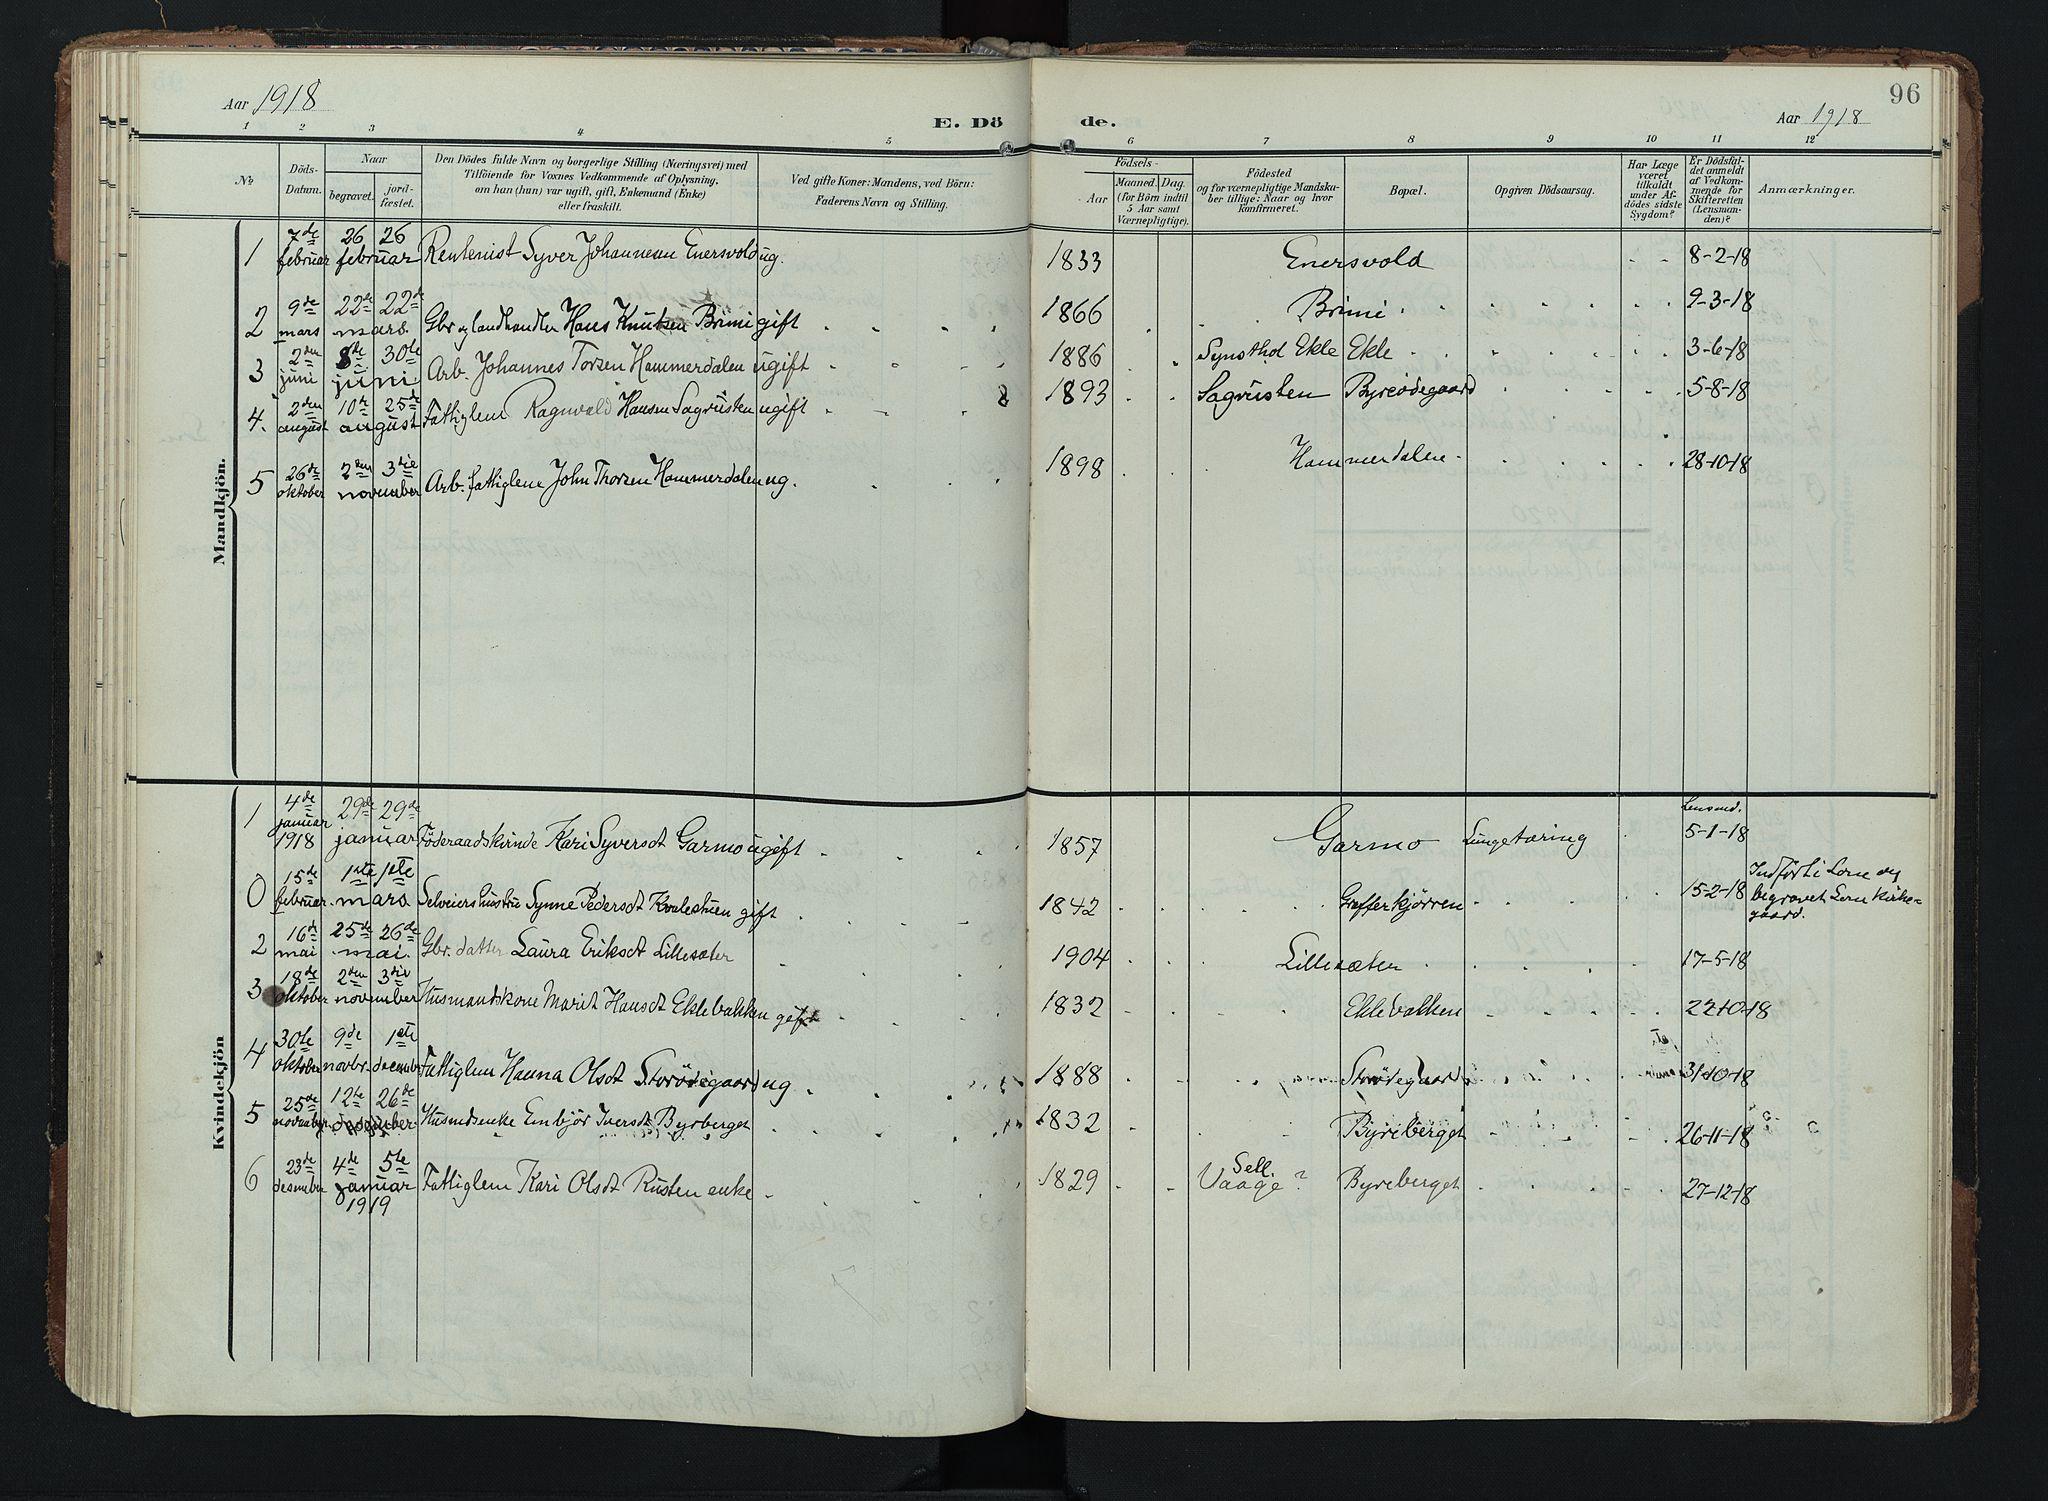 SAH, Lom prestekontor, K/L0011: Ministerialbok nr. 11, 1904-1928, s. 96